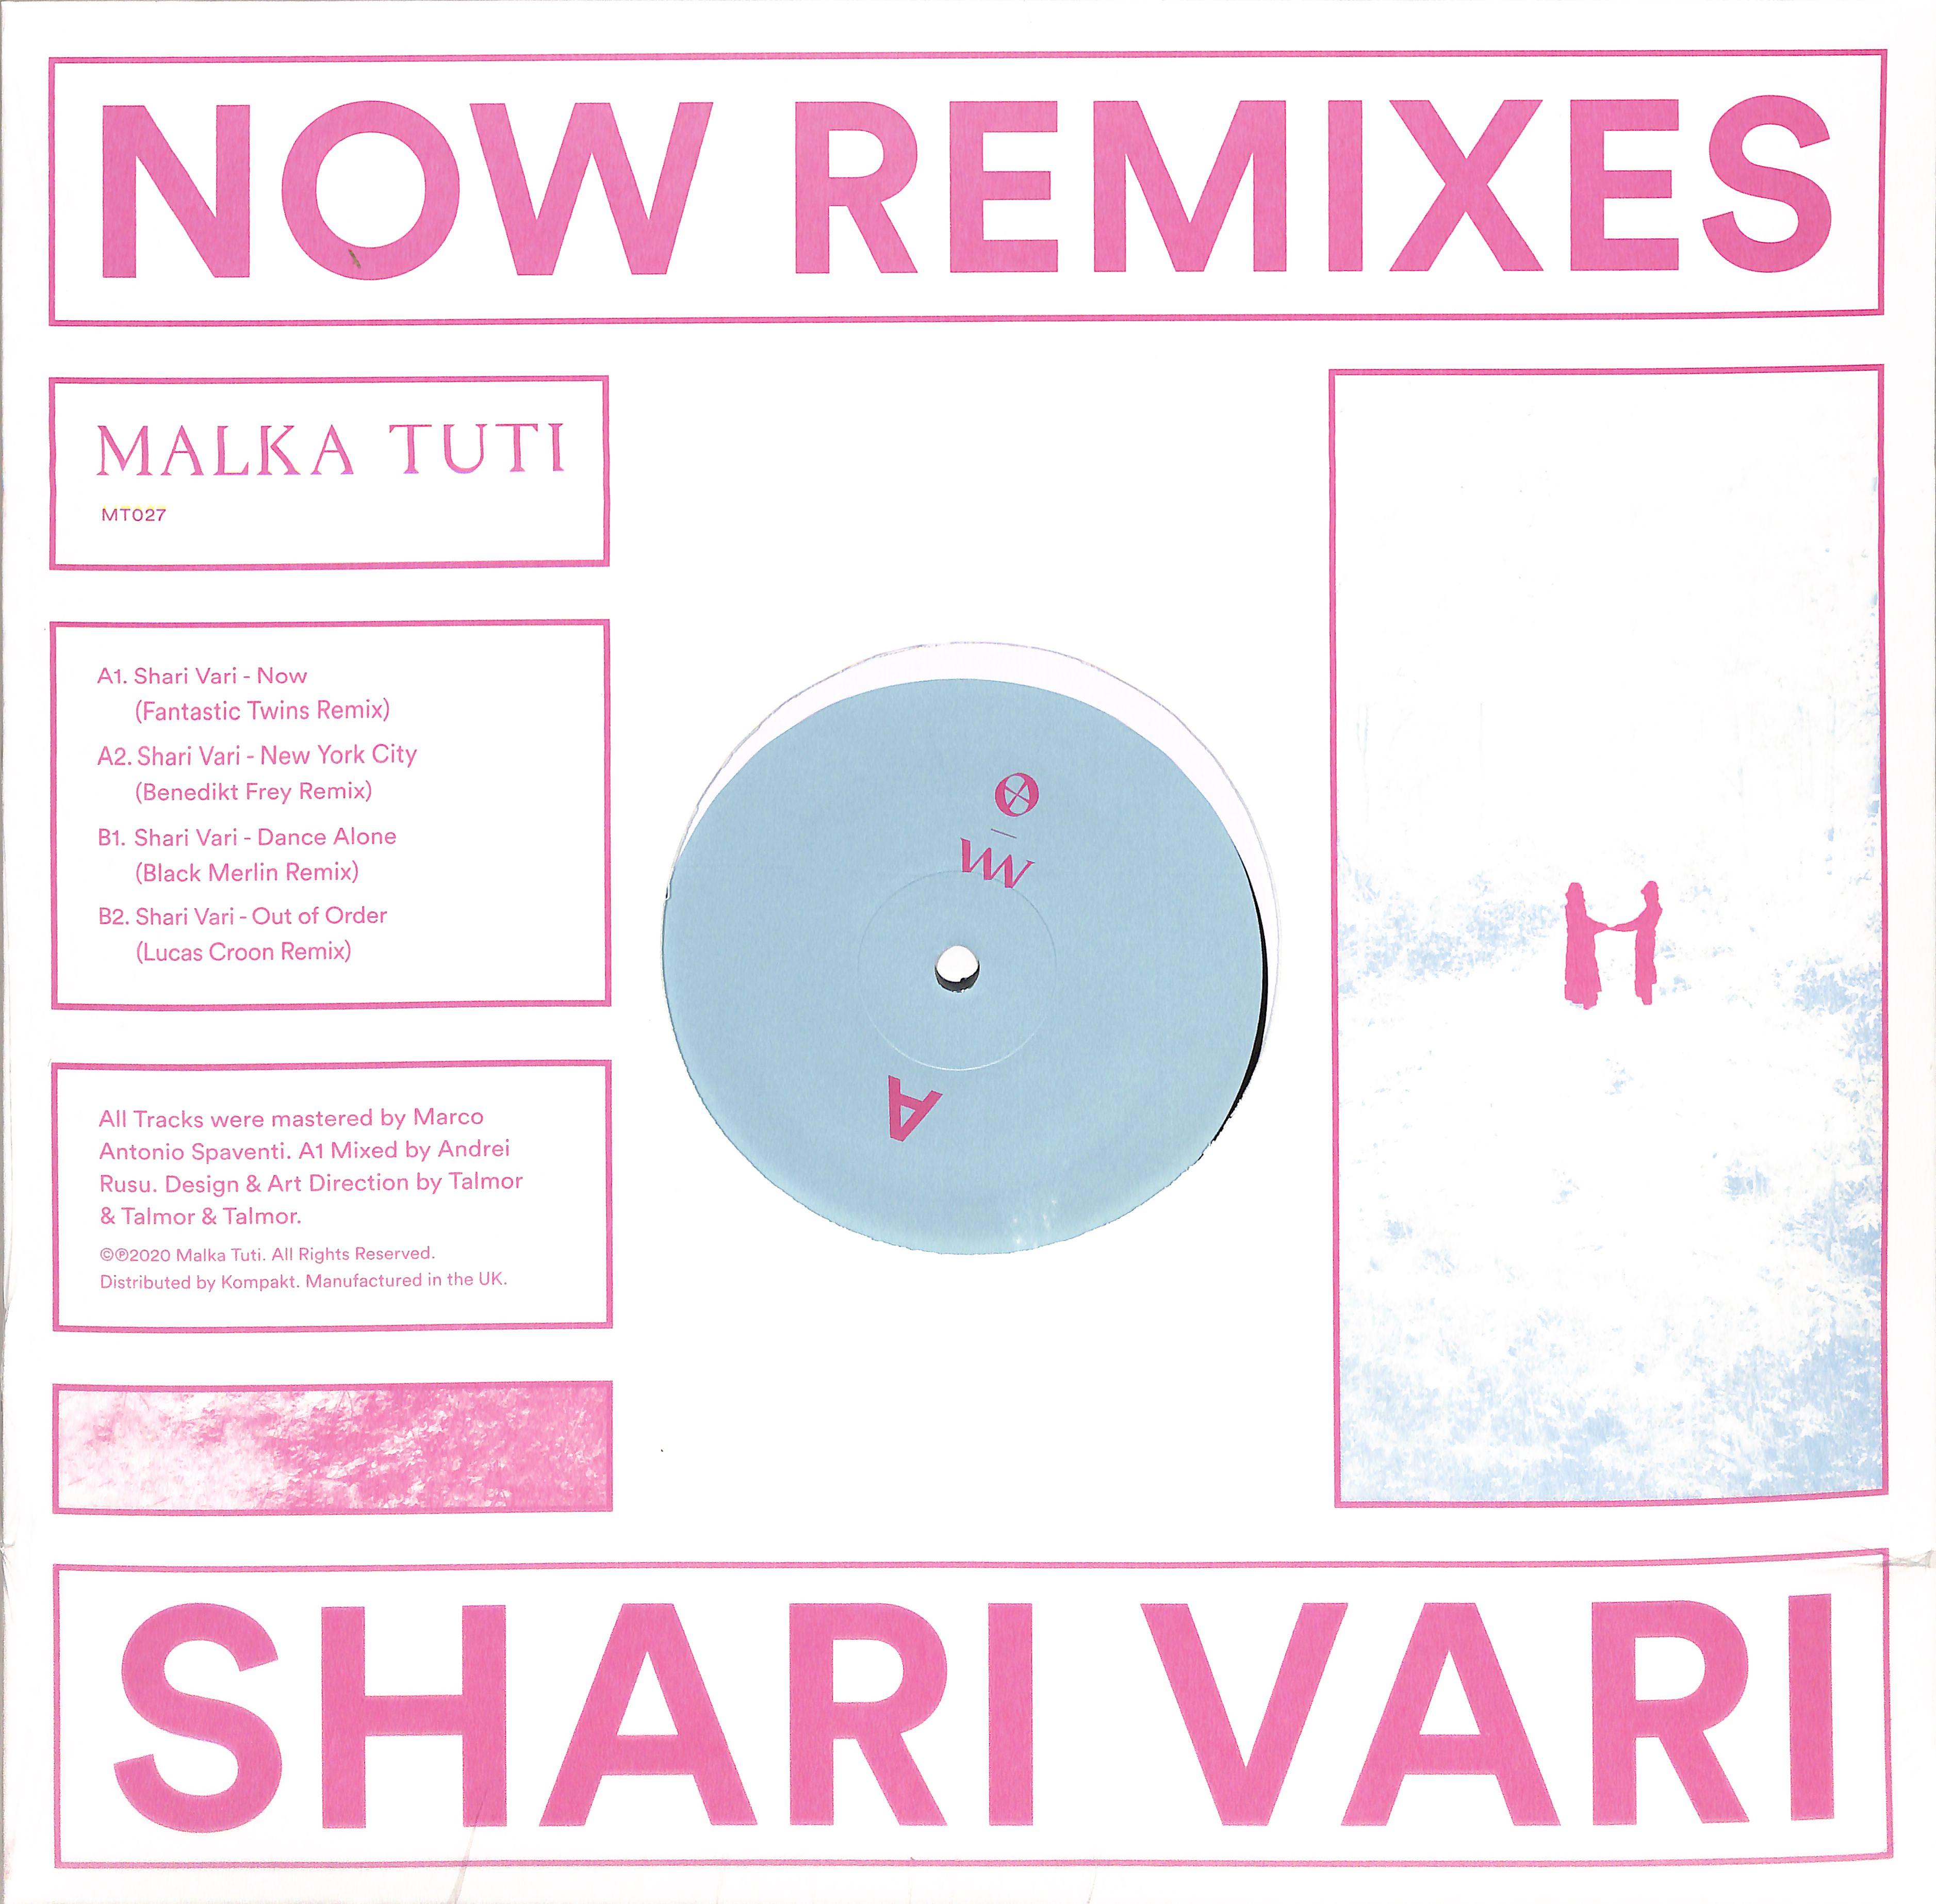 Shari Vari - NOW REMIXES